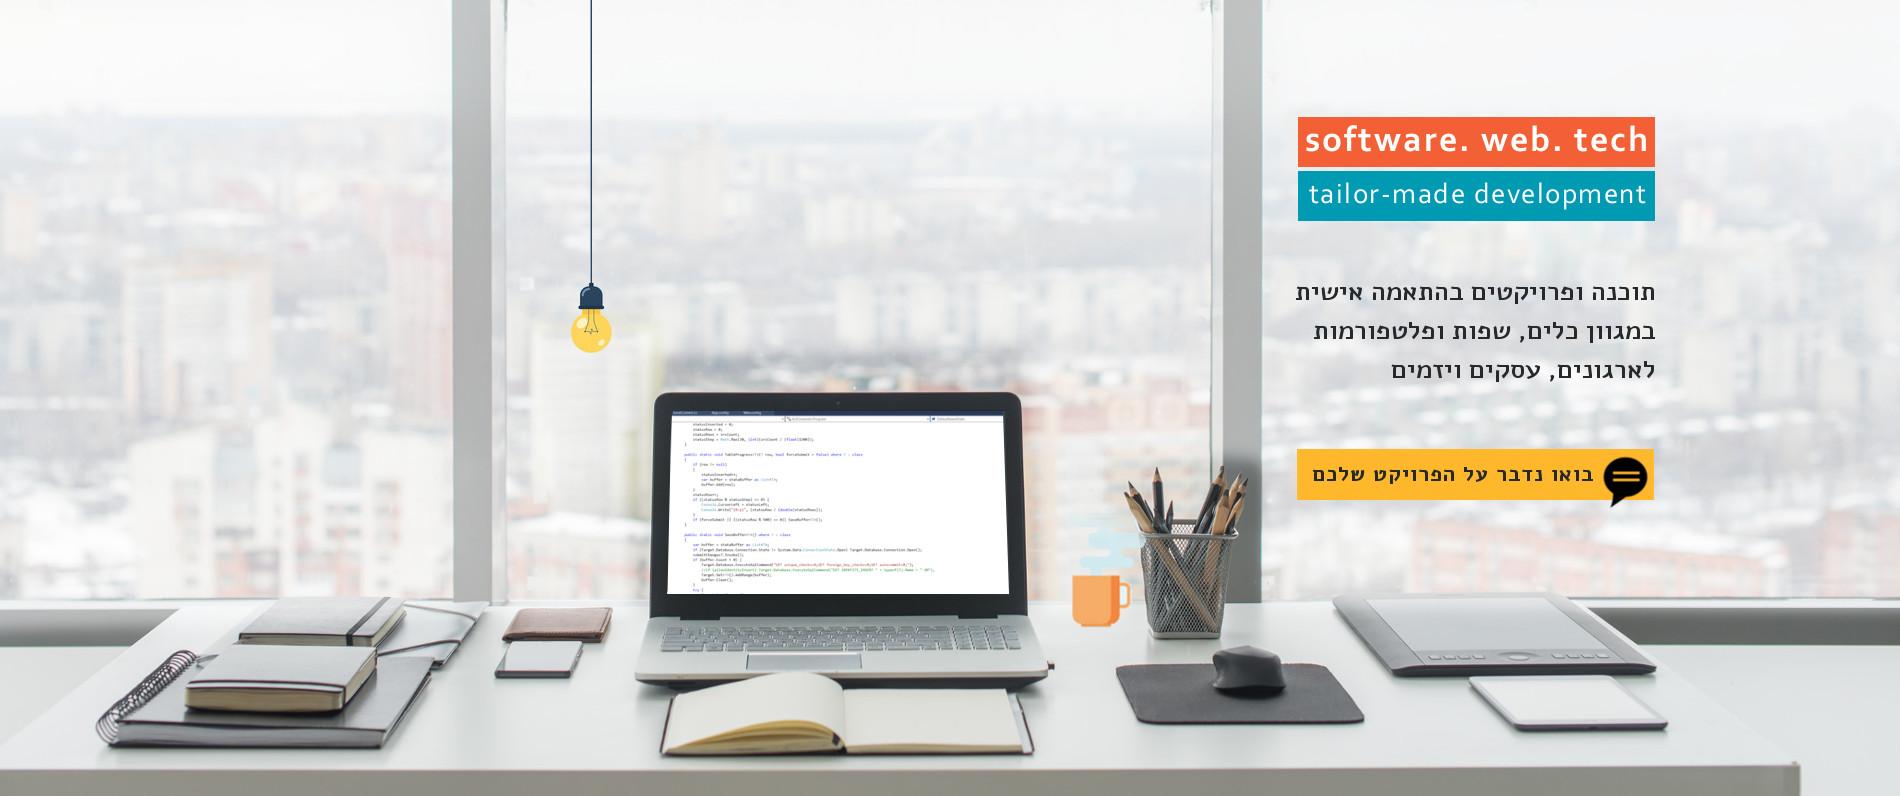 תוכנה ופרויקטים בהתאמה אישית במגוון שפות ופלטפורמות לארגונים, עסקים ויזמים